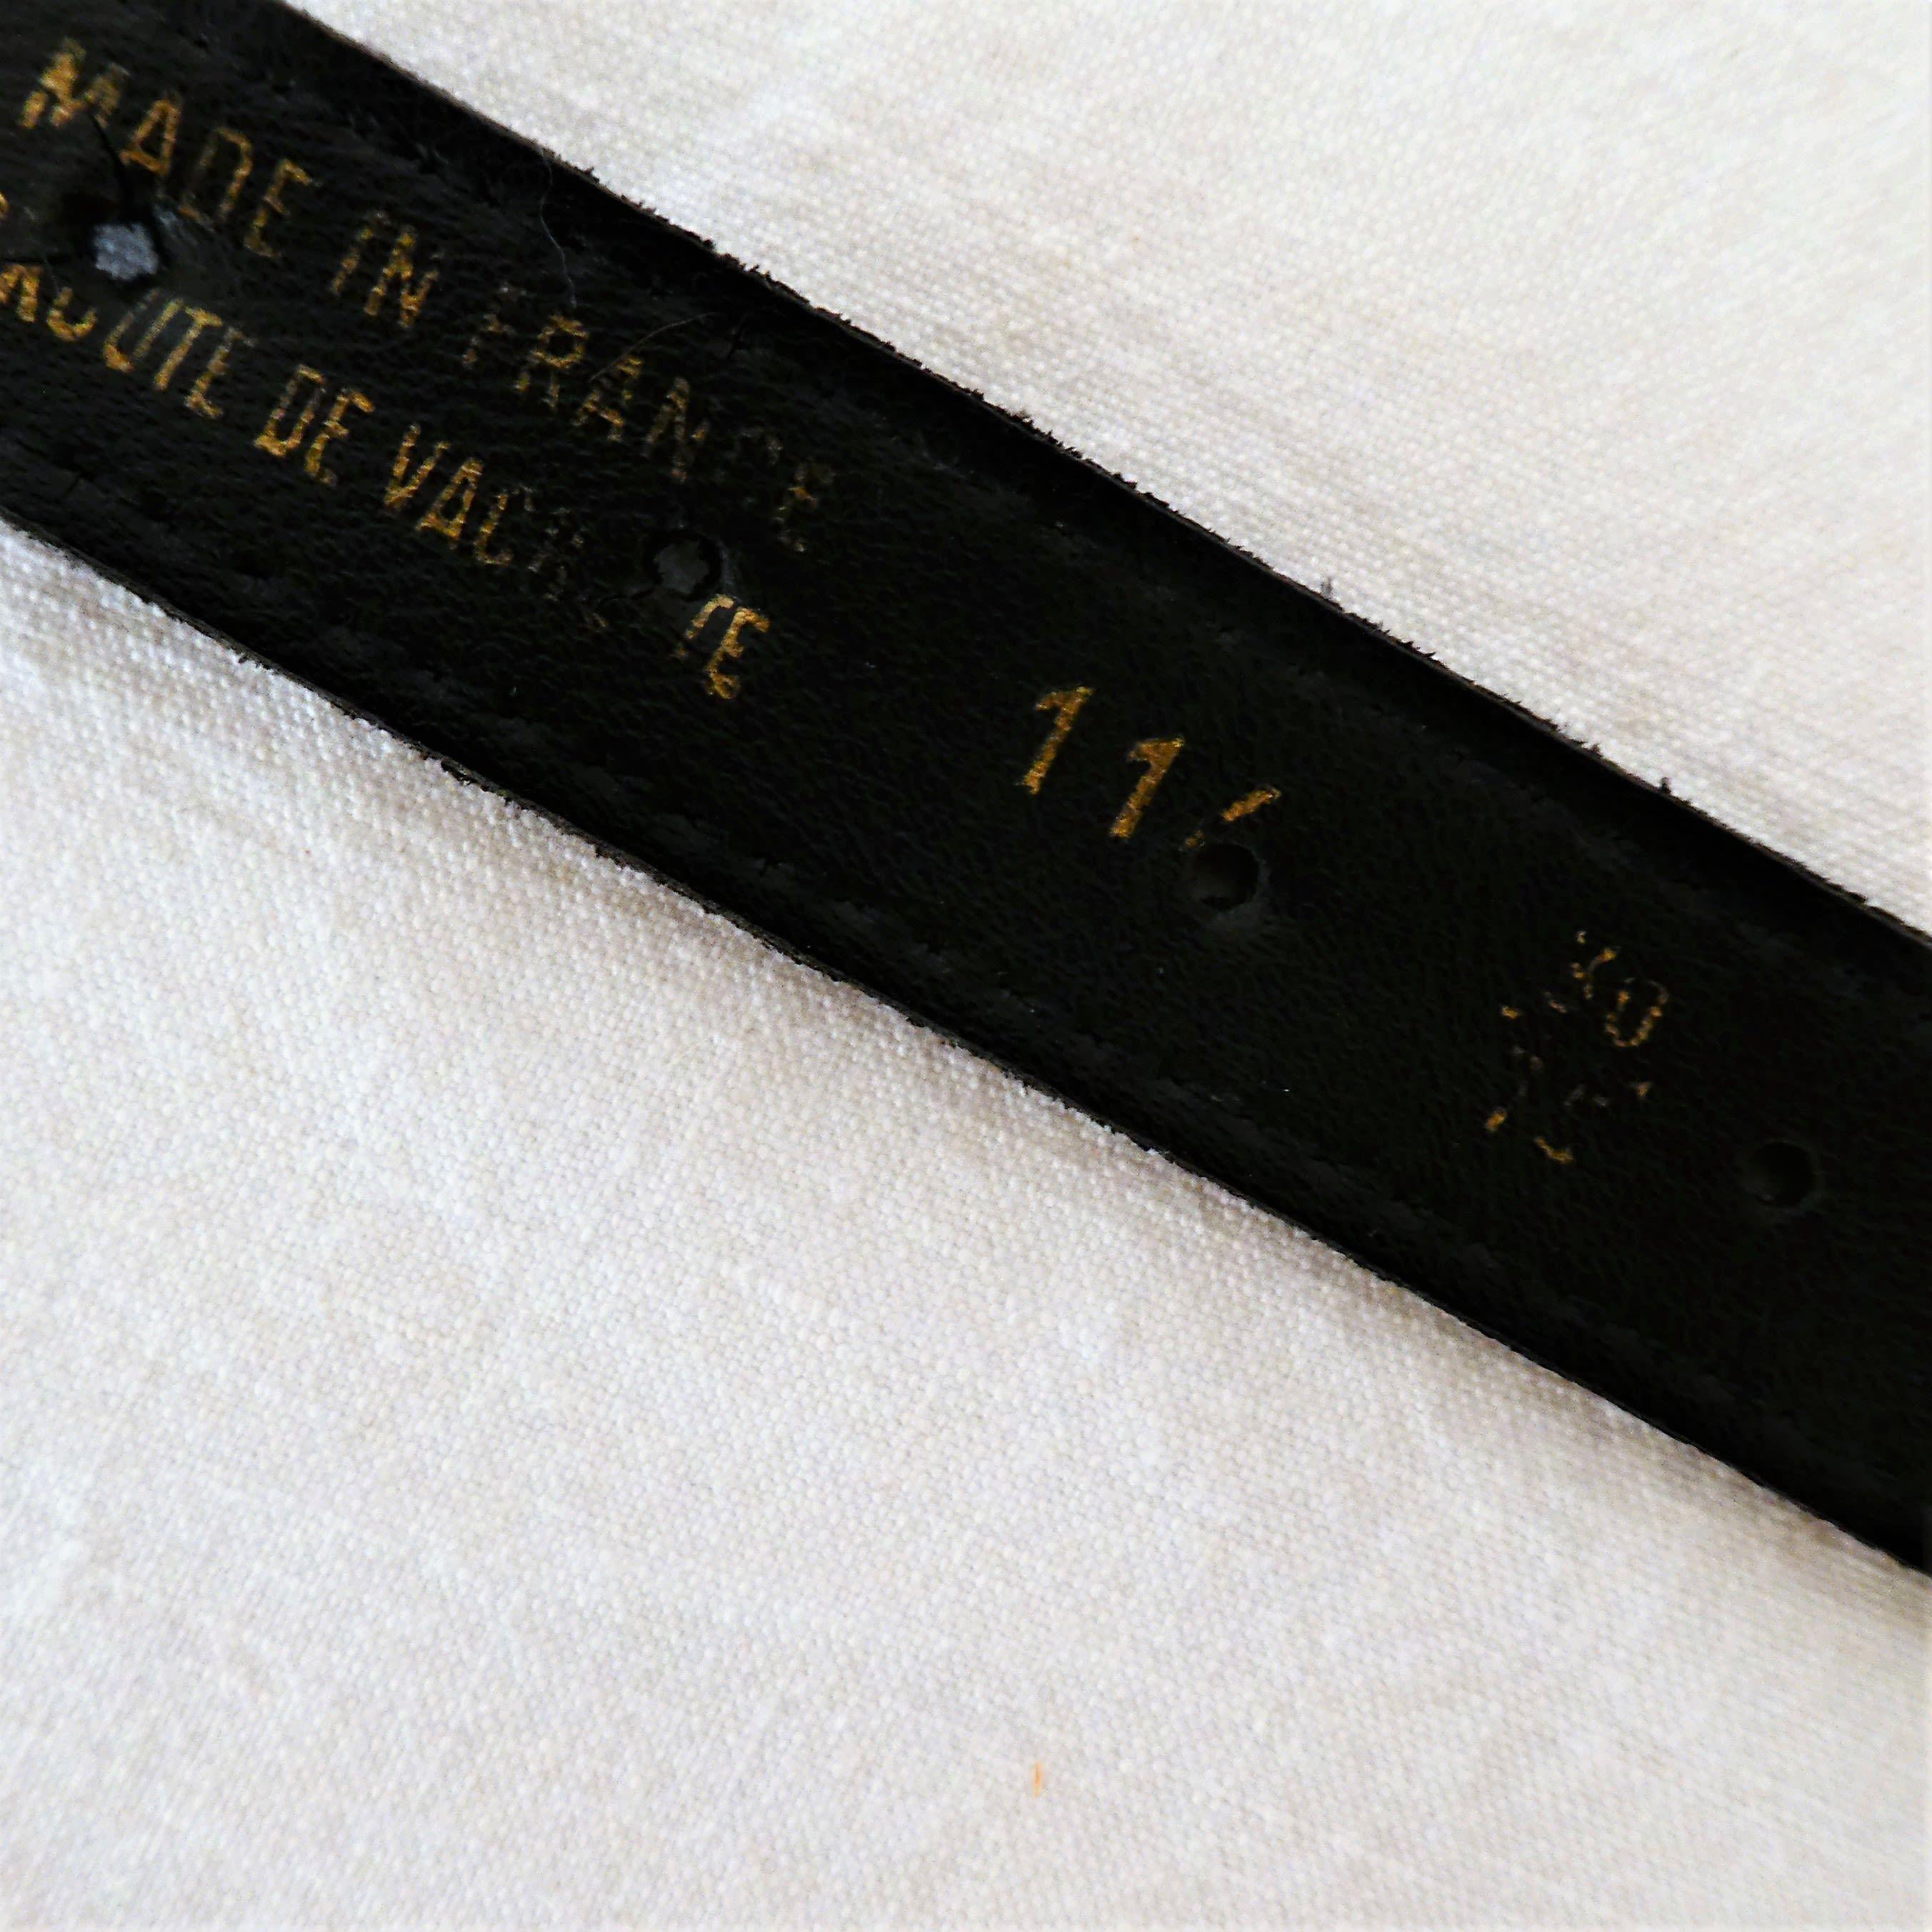 Accessoires - Ceinture cuir et métal